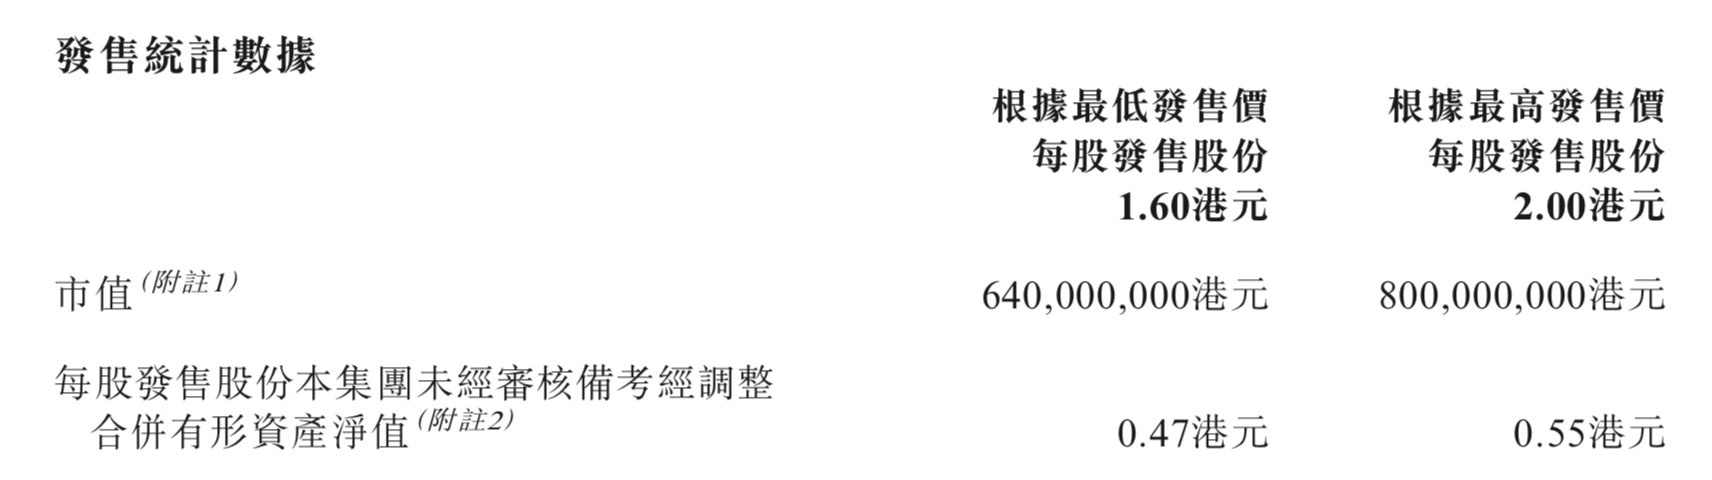 香港日式放题料理龙头大喜屋,?#24433;?#20061;毛九成为餐饮明星新股